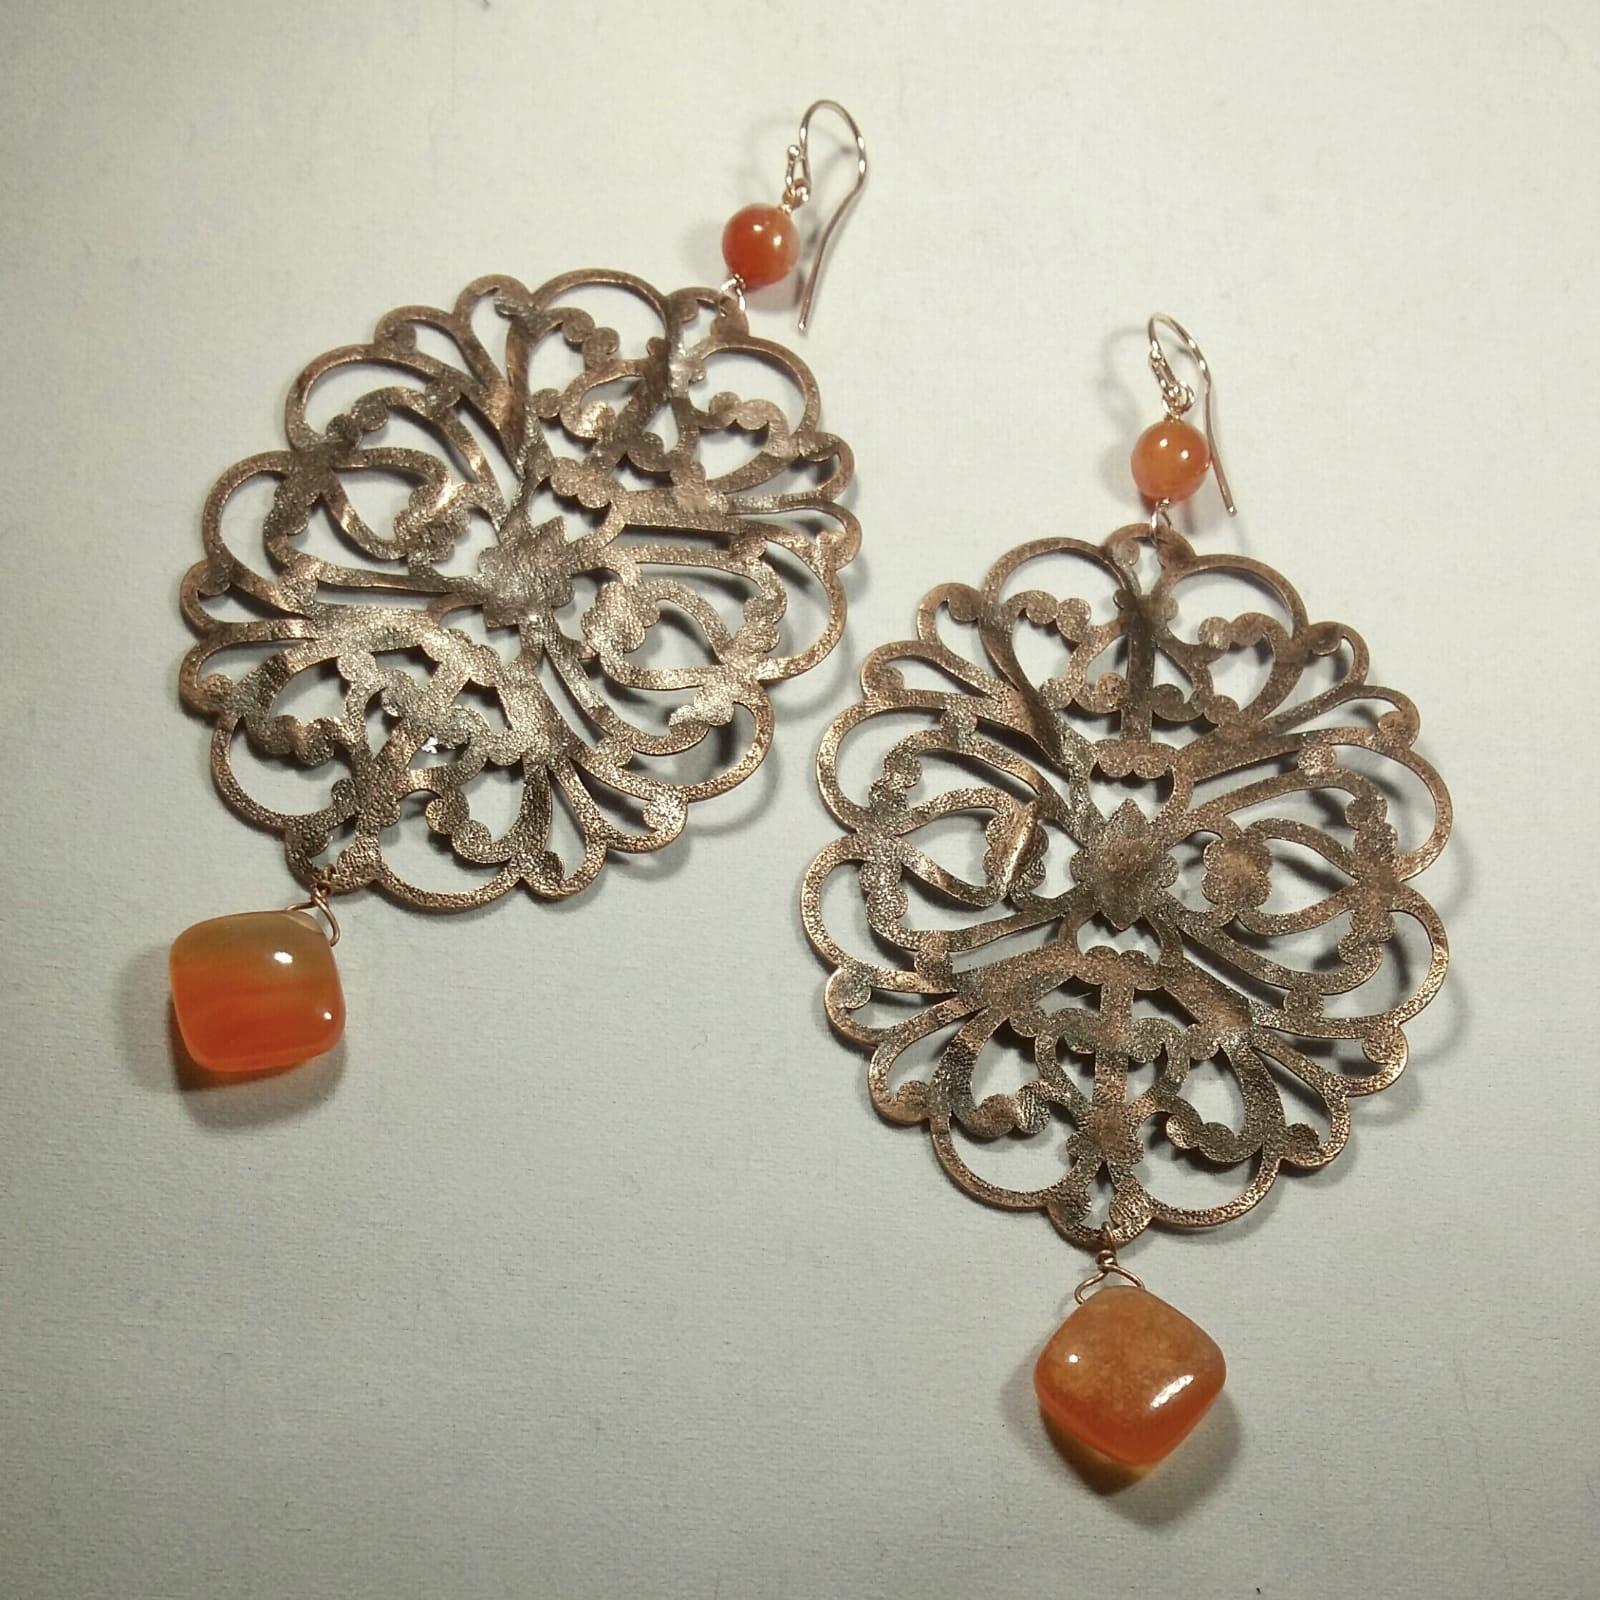 orecchini in metallo con pietre